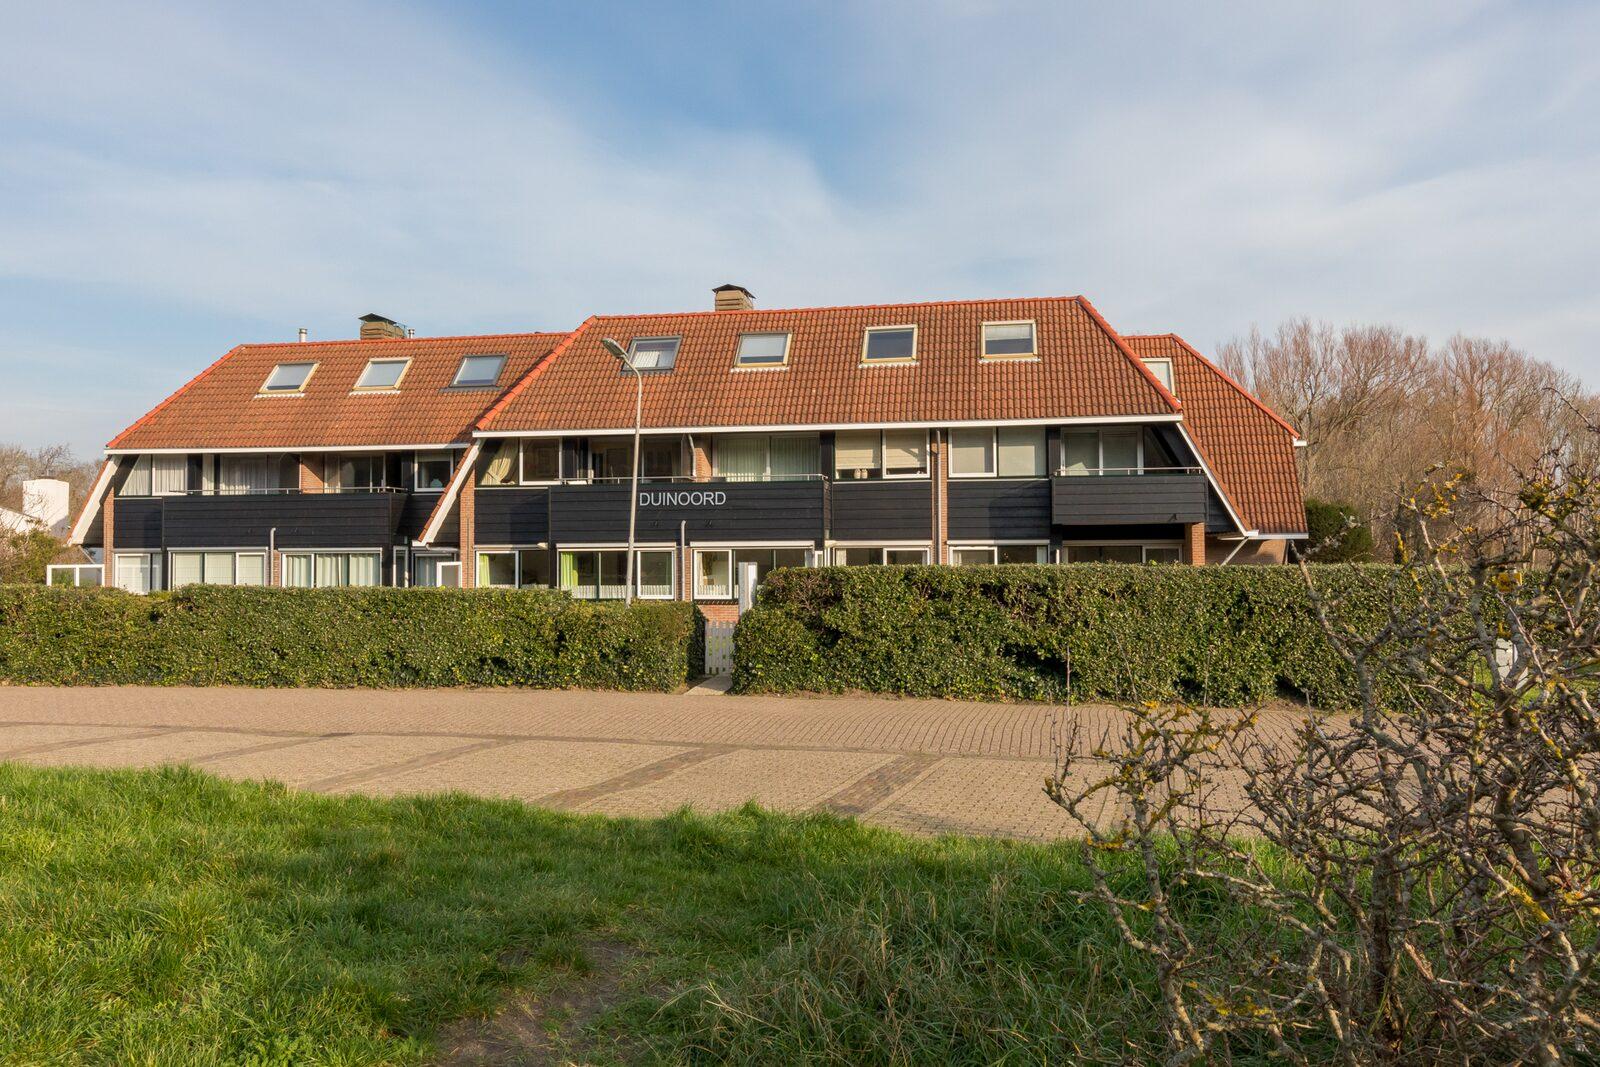 Appartement - Duinweg 117-4 | Zoutelande 'Duinoord'